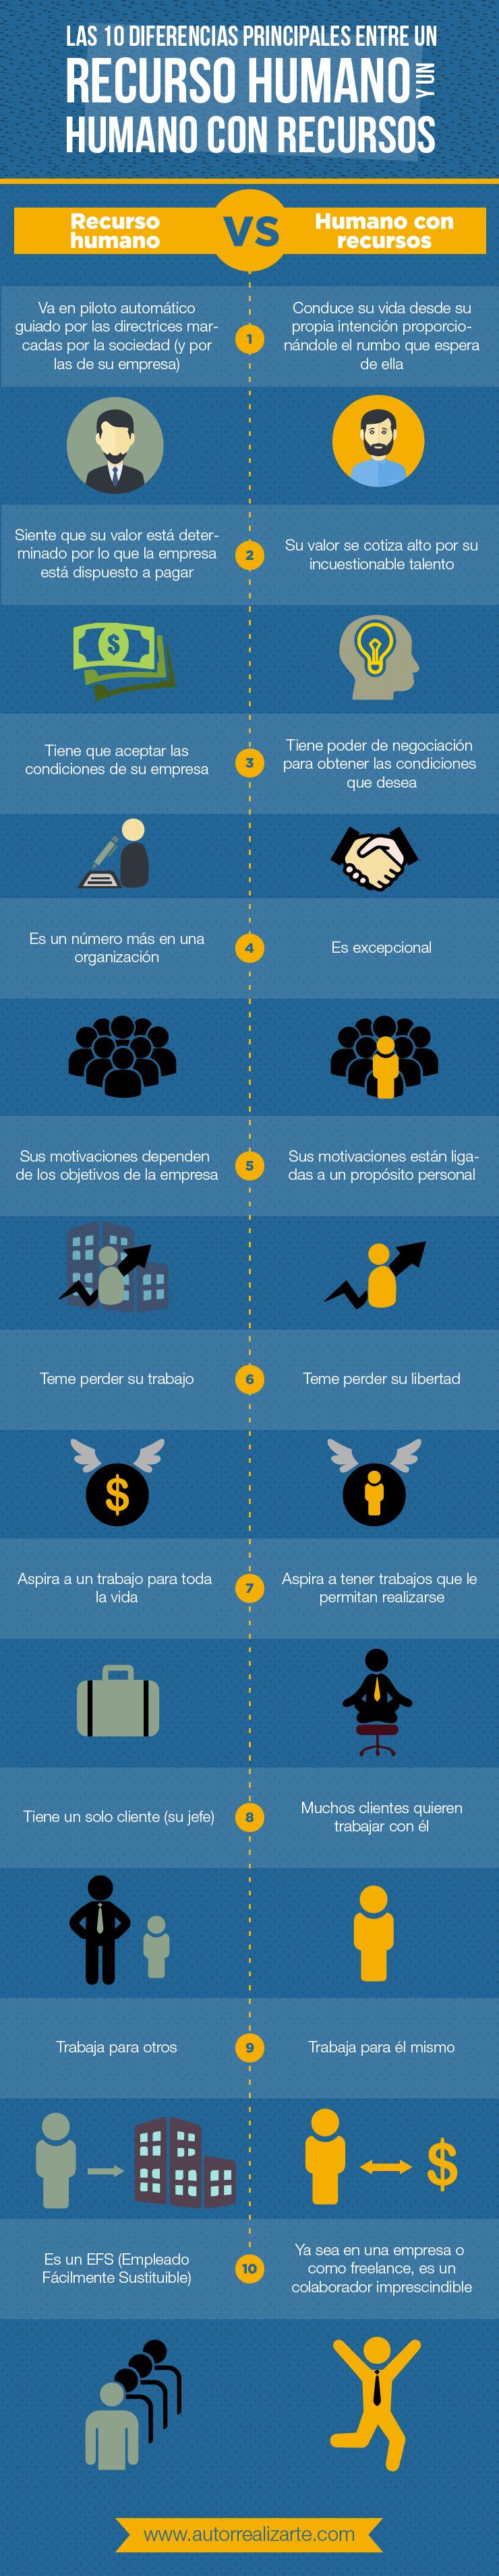 10 Diferencias entre Recurso Humano y Humano con Recursos